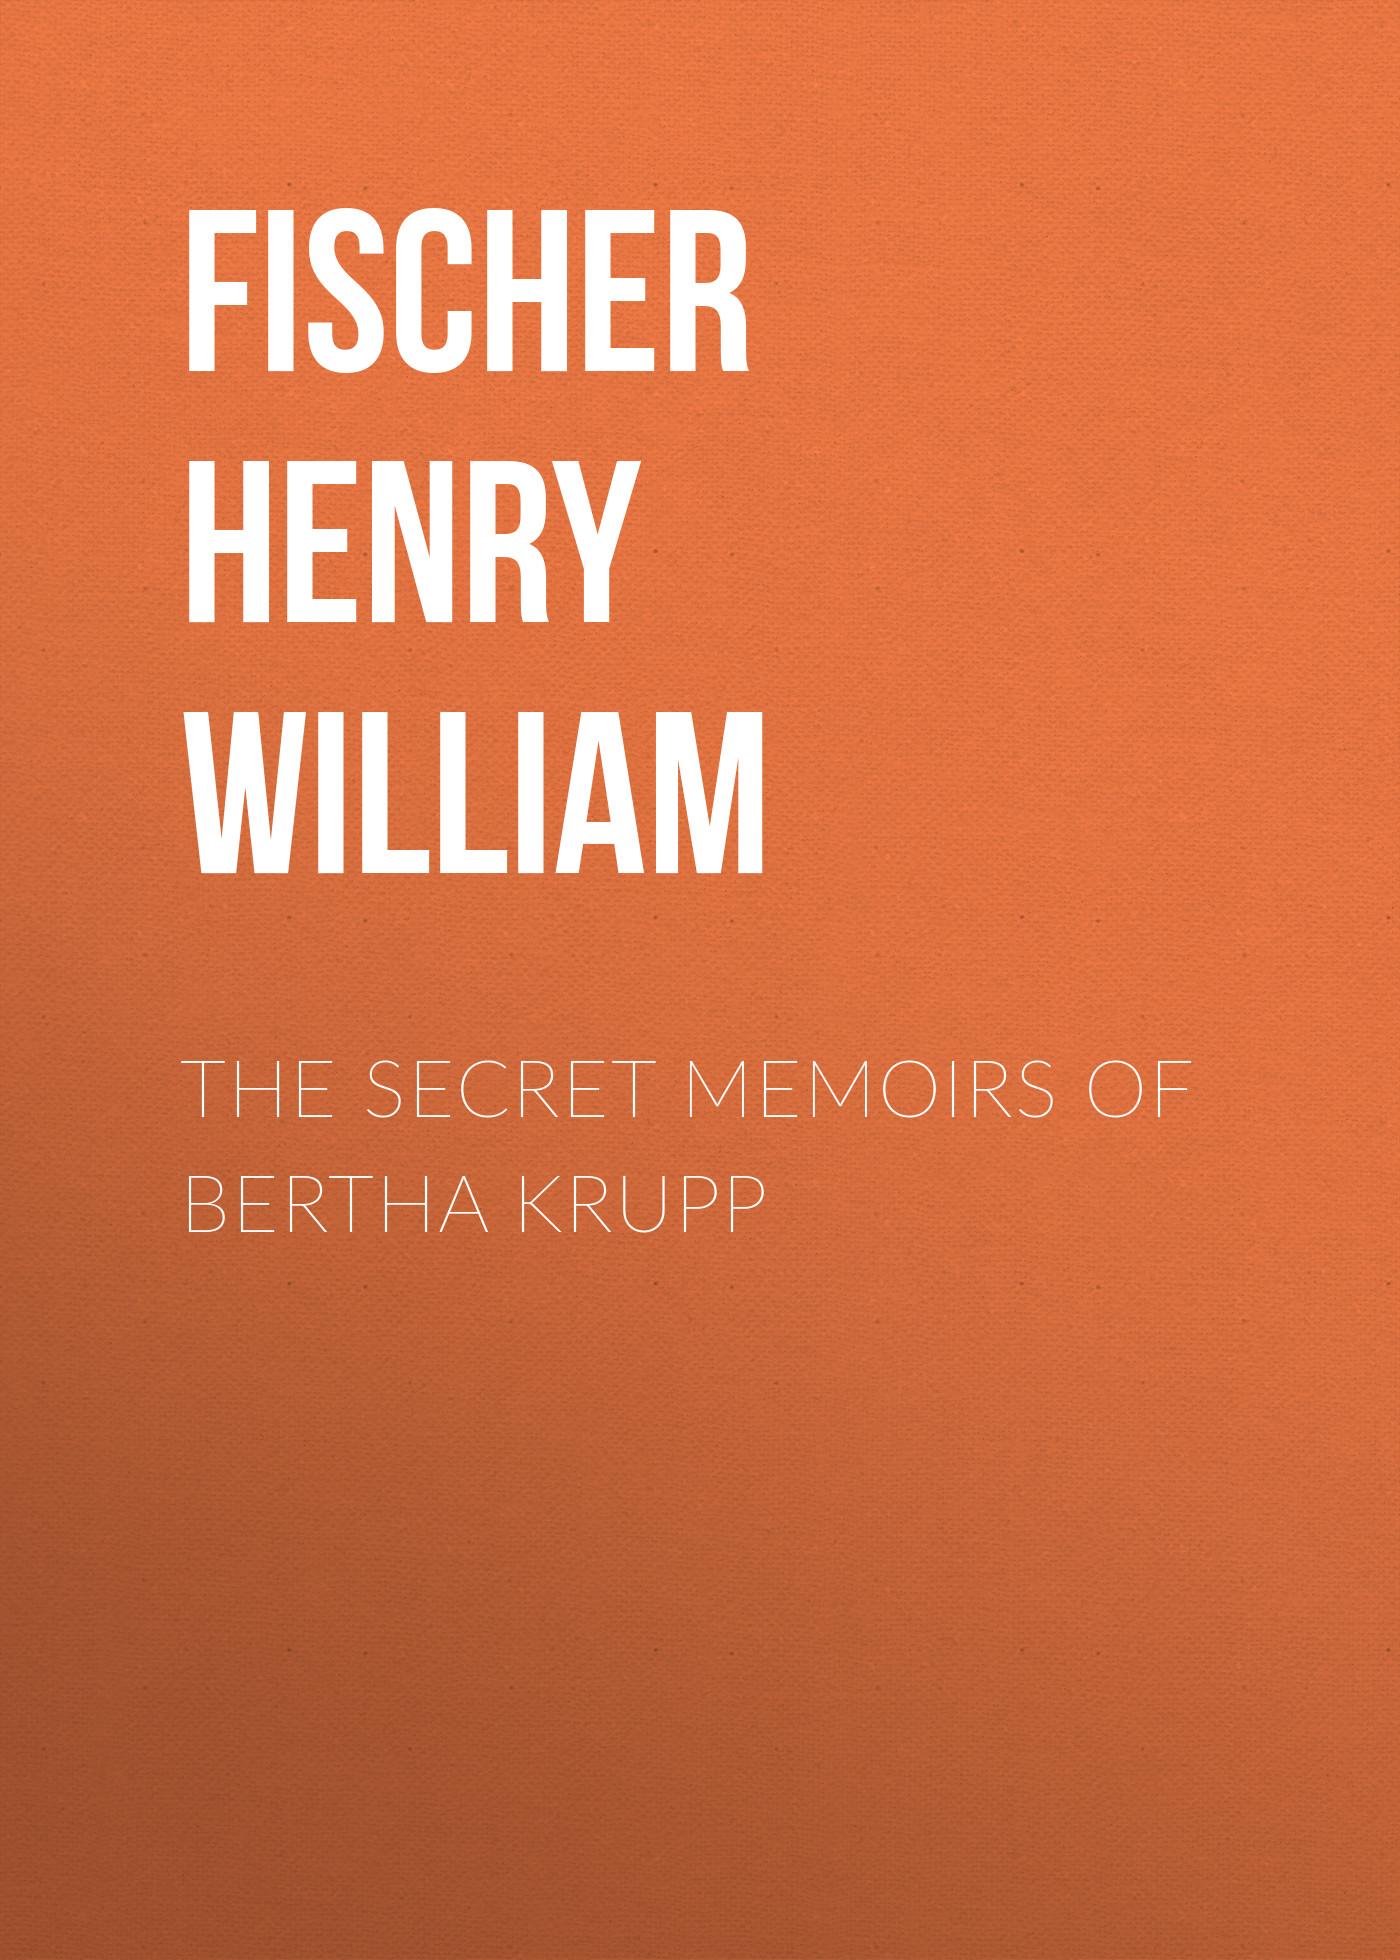 Fischer Henry William The Secret Memoirs of Bertha Krupp burping bertha